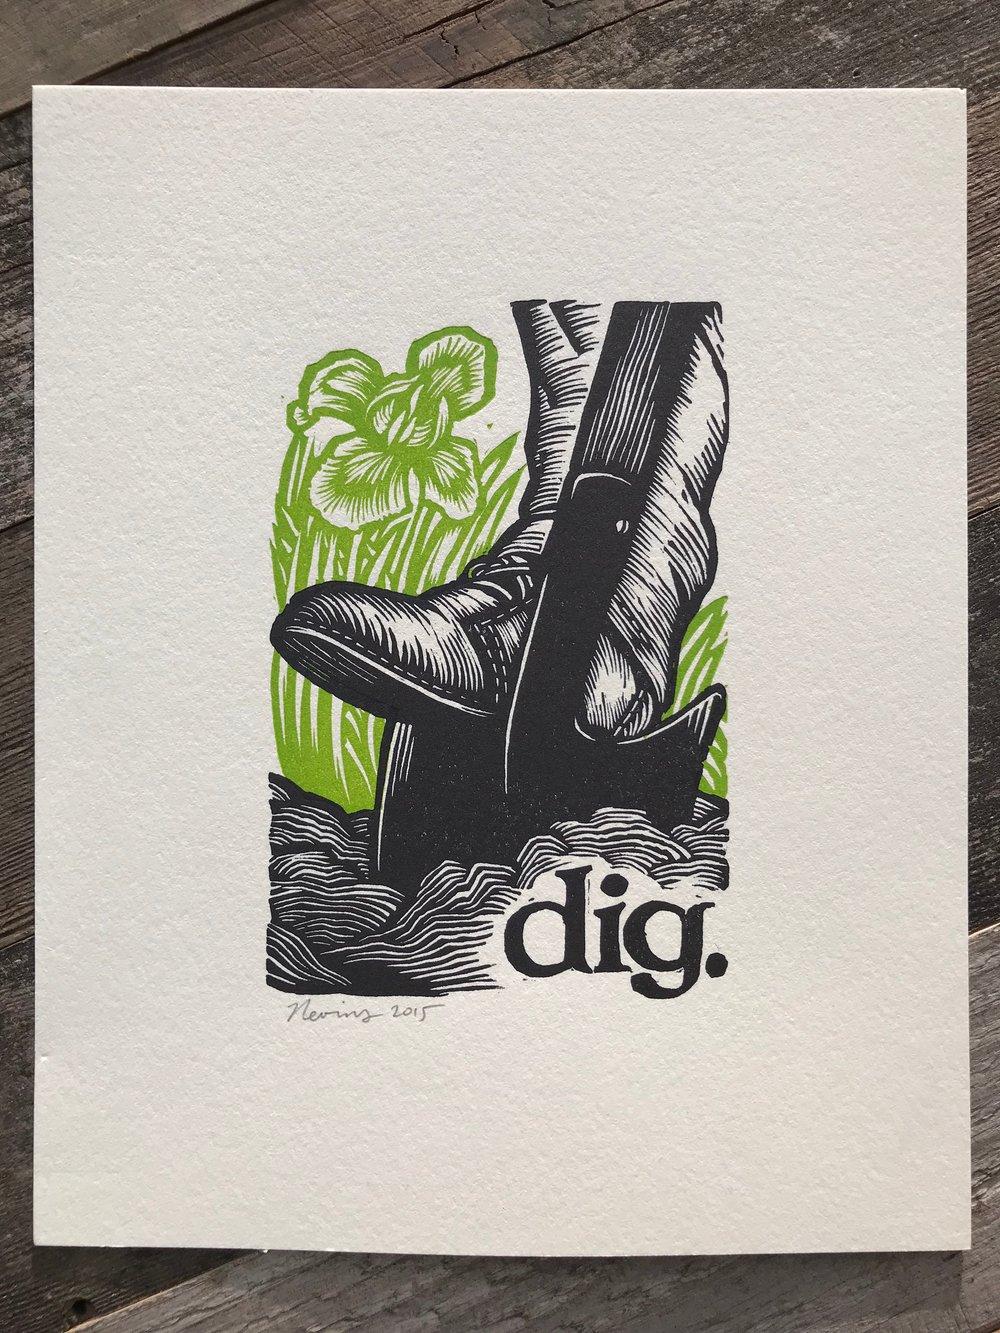 """Image of dig. 8""""x10"""" HAND-PRINTED ORIGINAL BLOCK PRINT"""